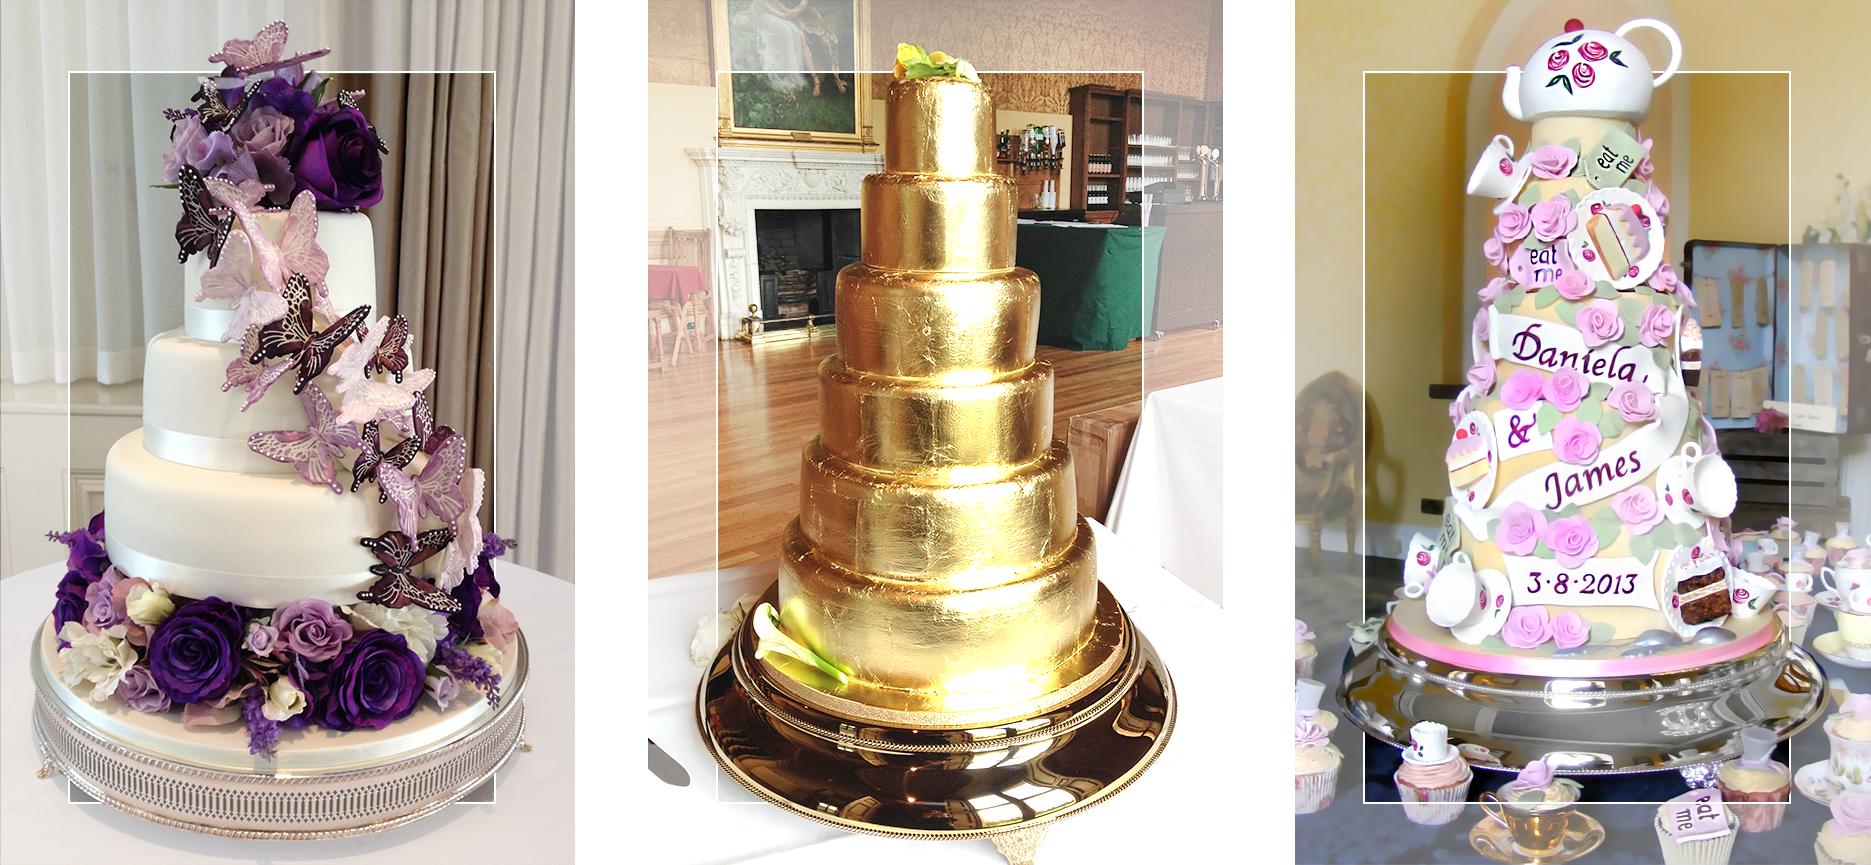 Handmade Bespoke Wedding Cakes And Wonderful Party Cakes